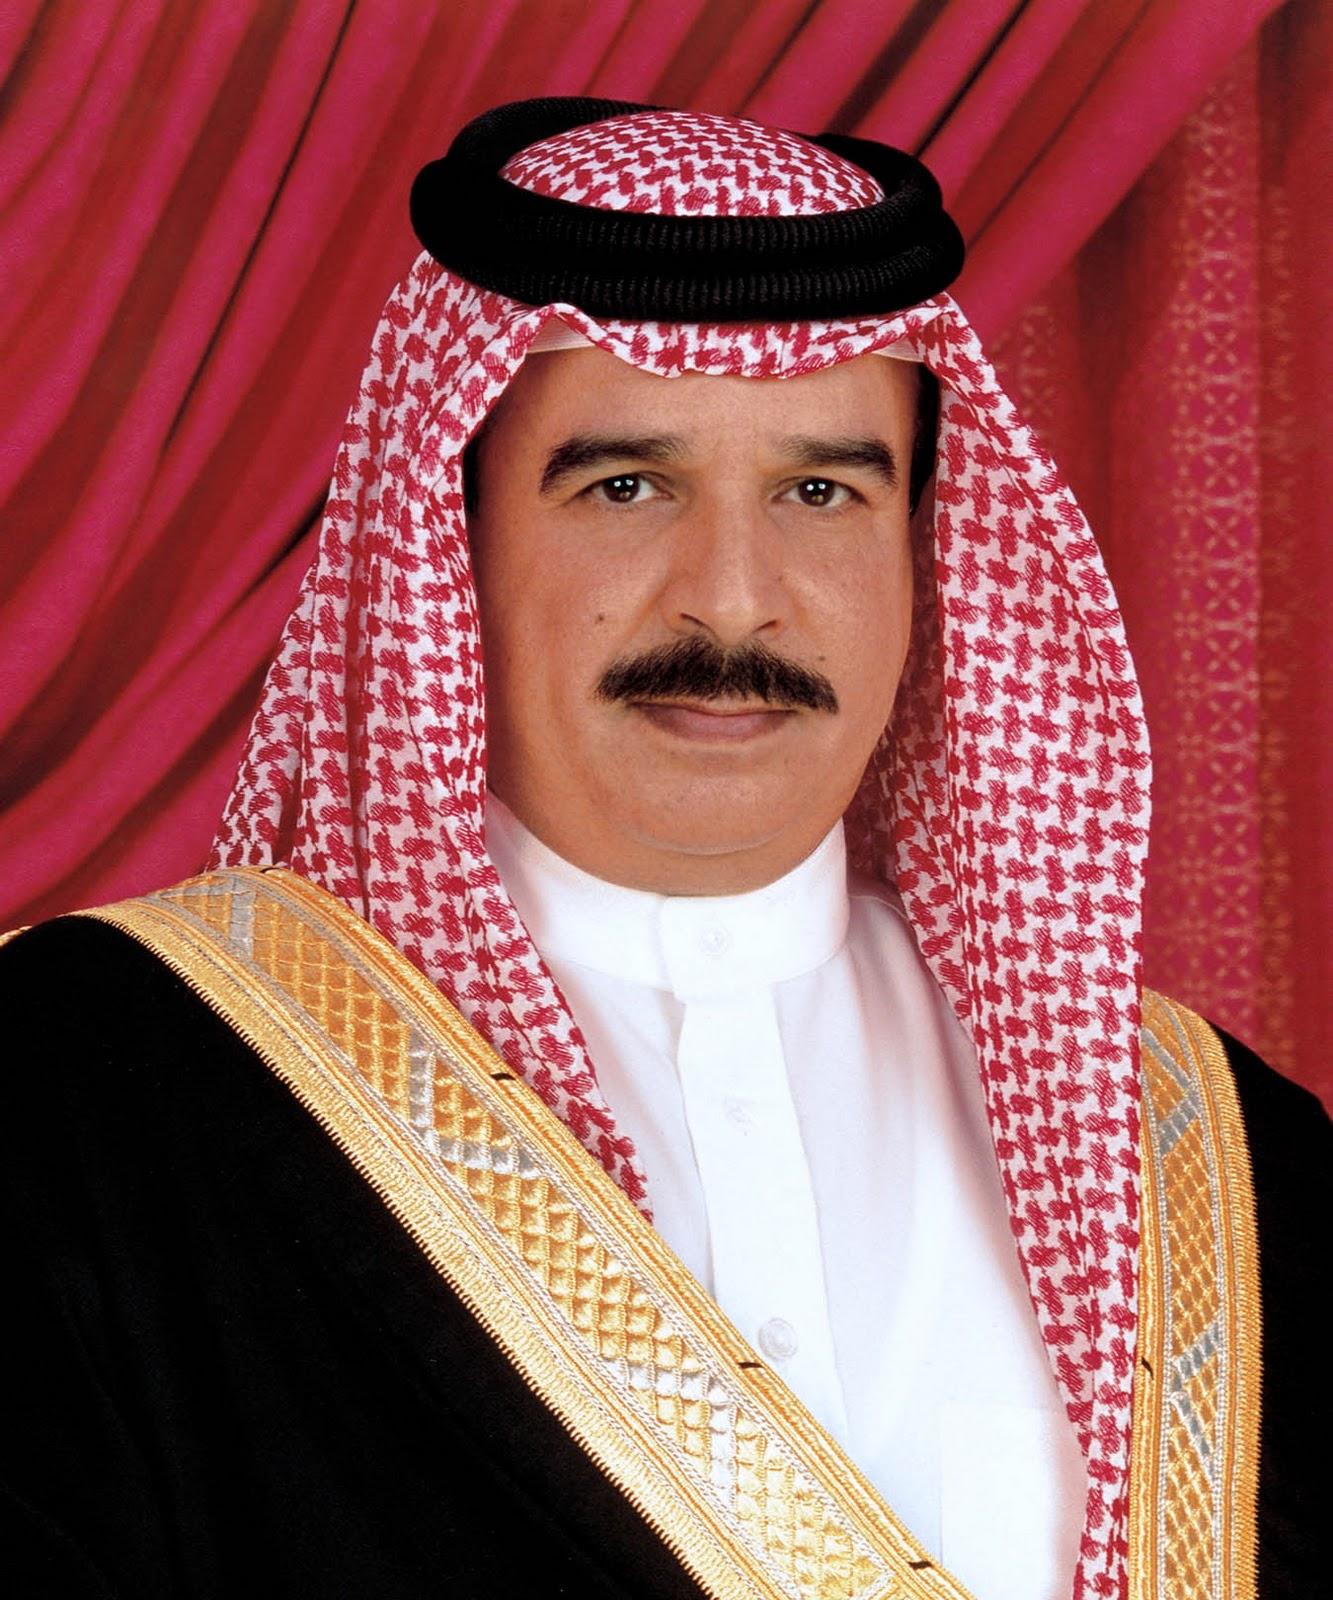 King Hamad ibn Isa Al Khalifa